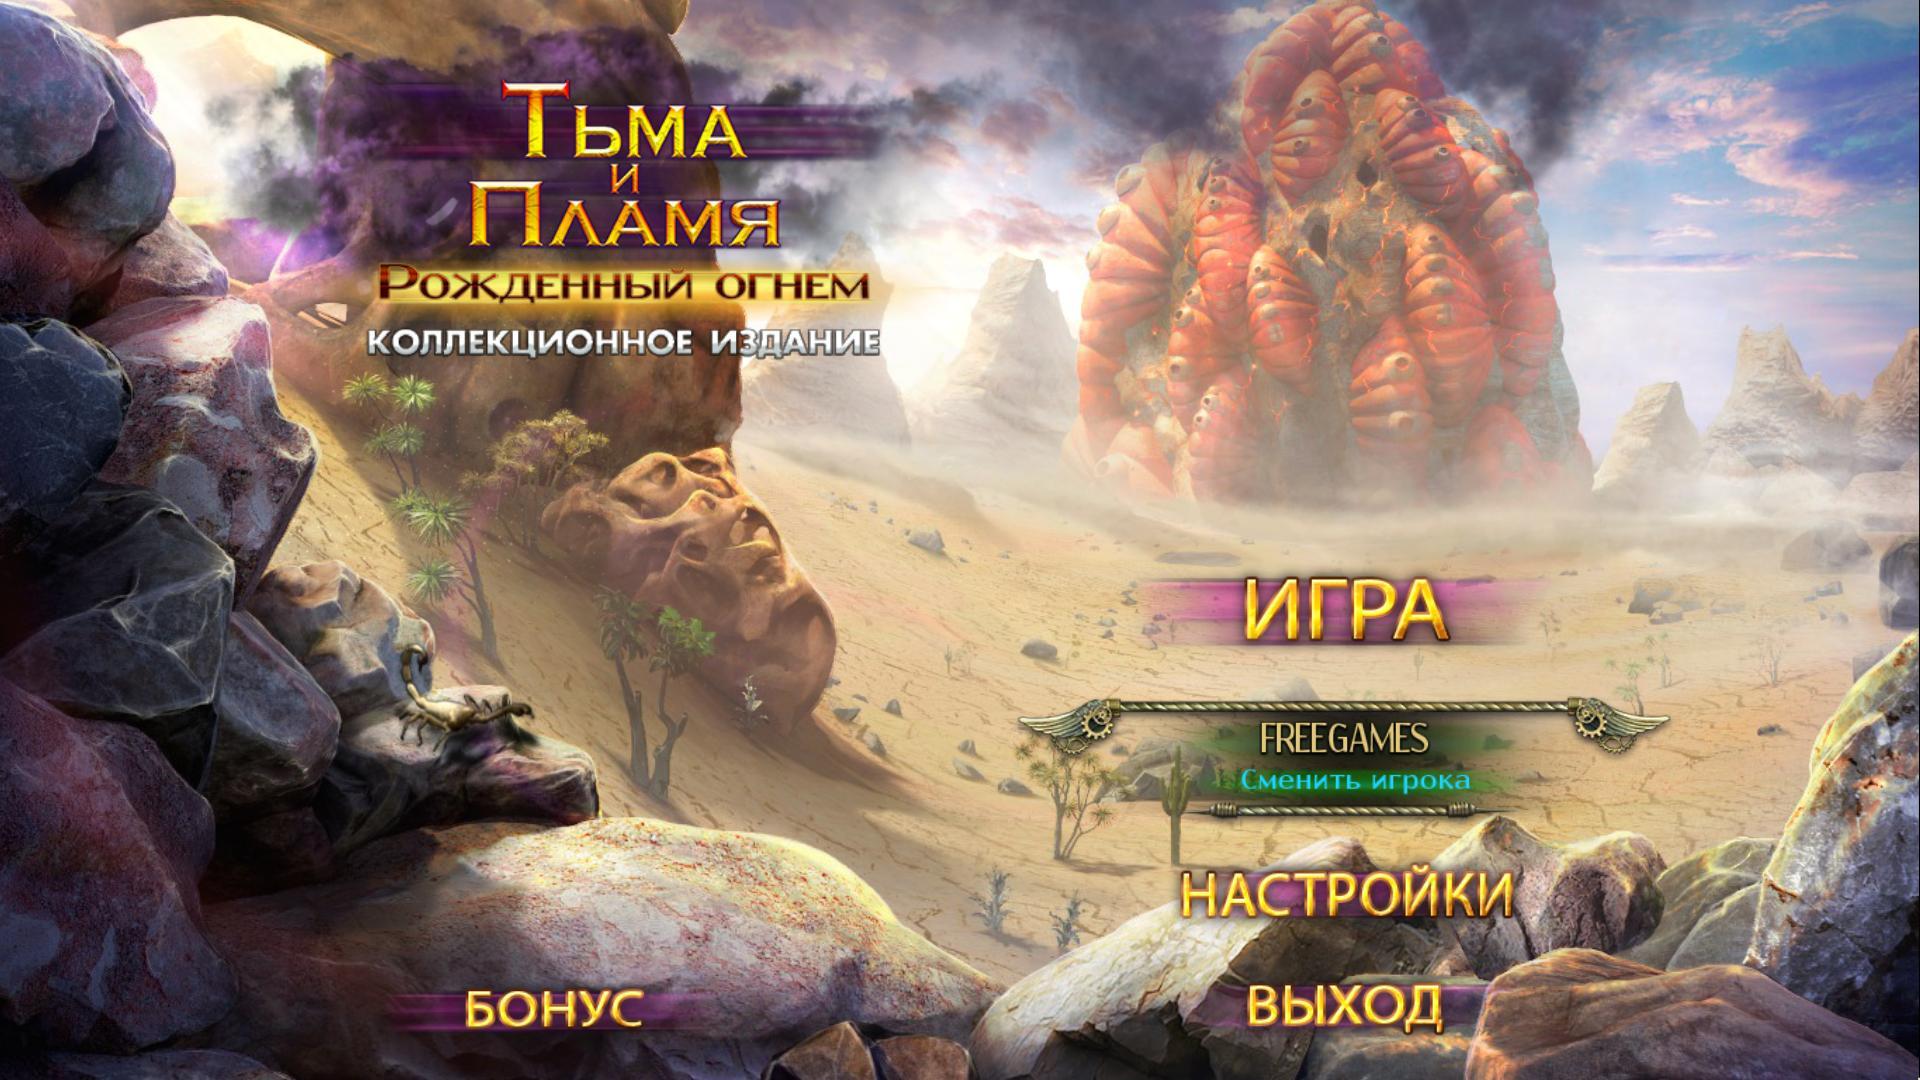 Тьма и пламя: Рожденный огнем. Коллекционное издание | Darkness and Flame: Born of Fire CE (Rus)